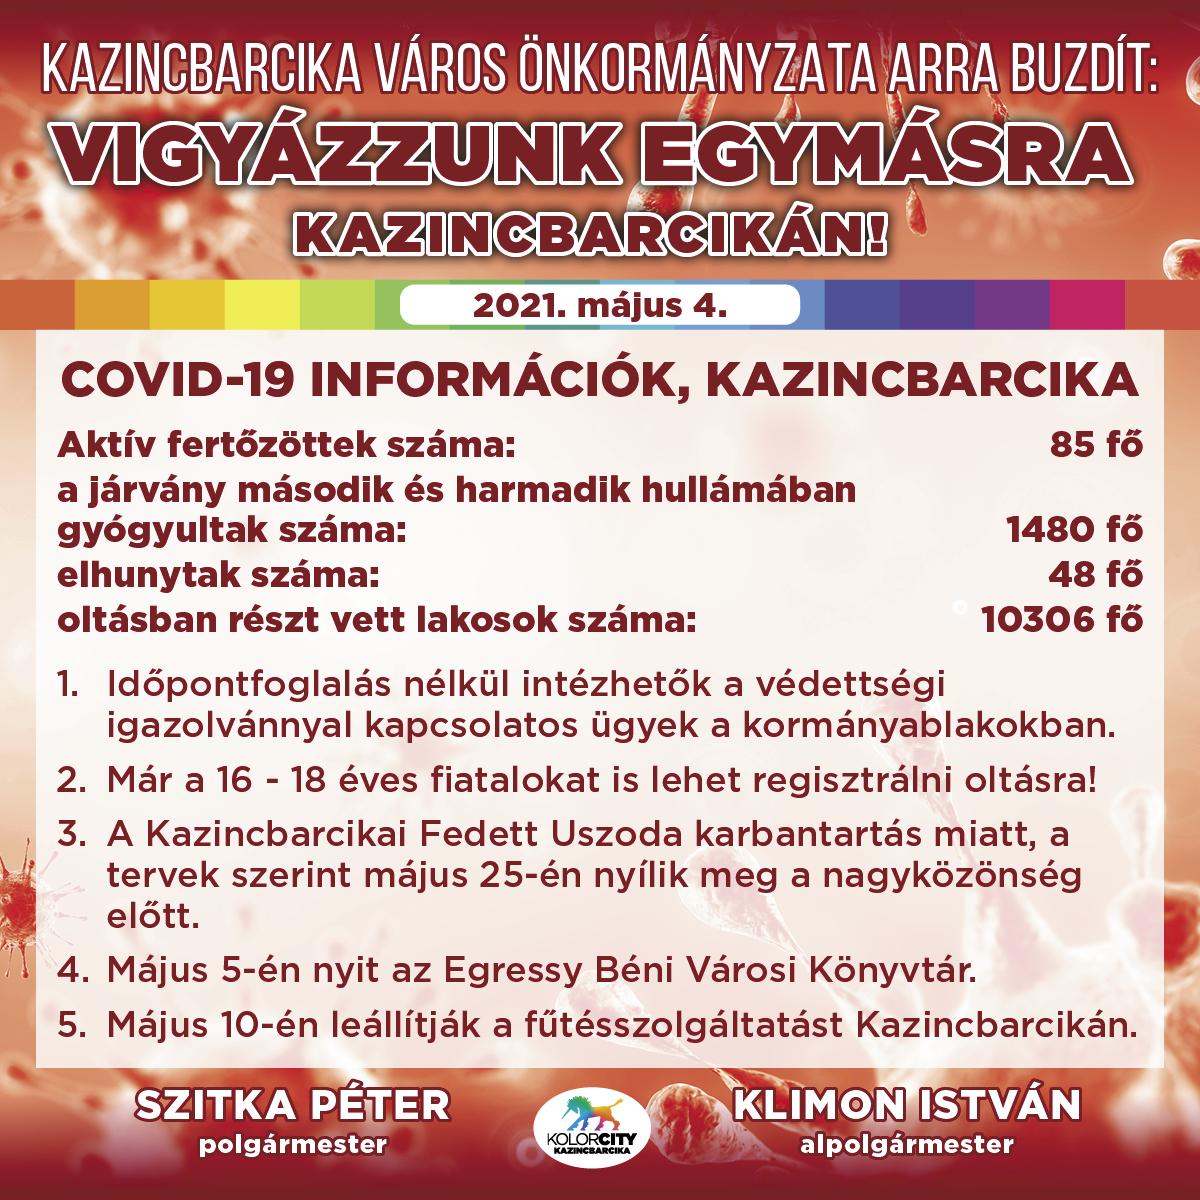 https://kolorline.hu/Vigyázzunk egymásra Kazincbarcikán! – 2021. május 4.